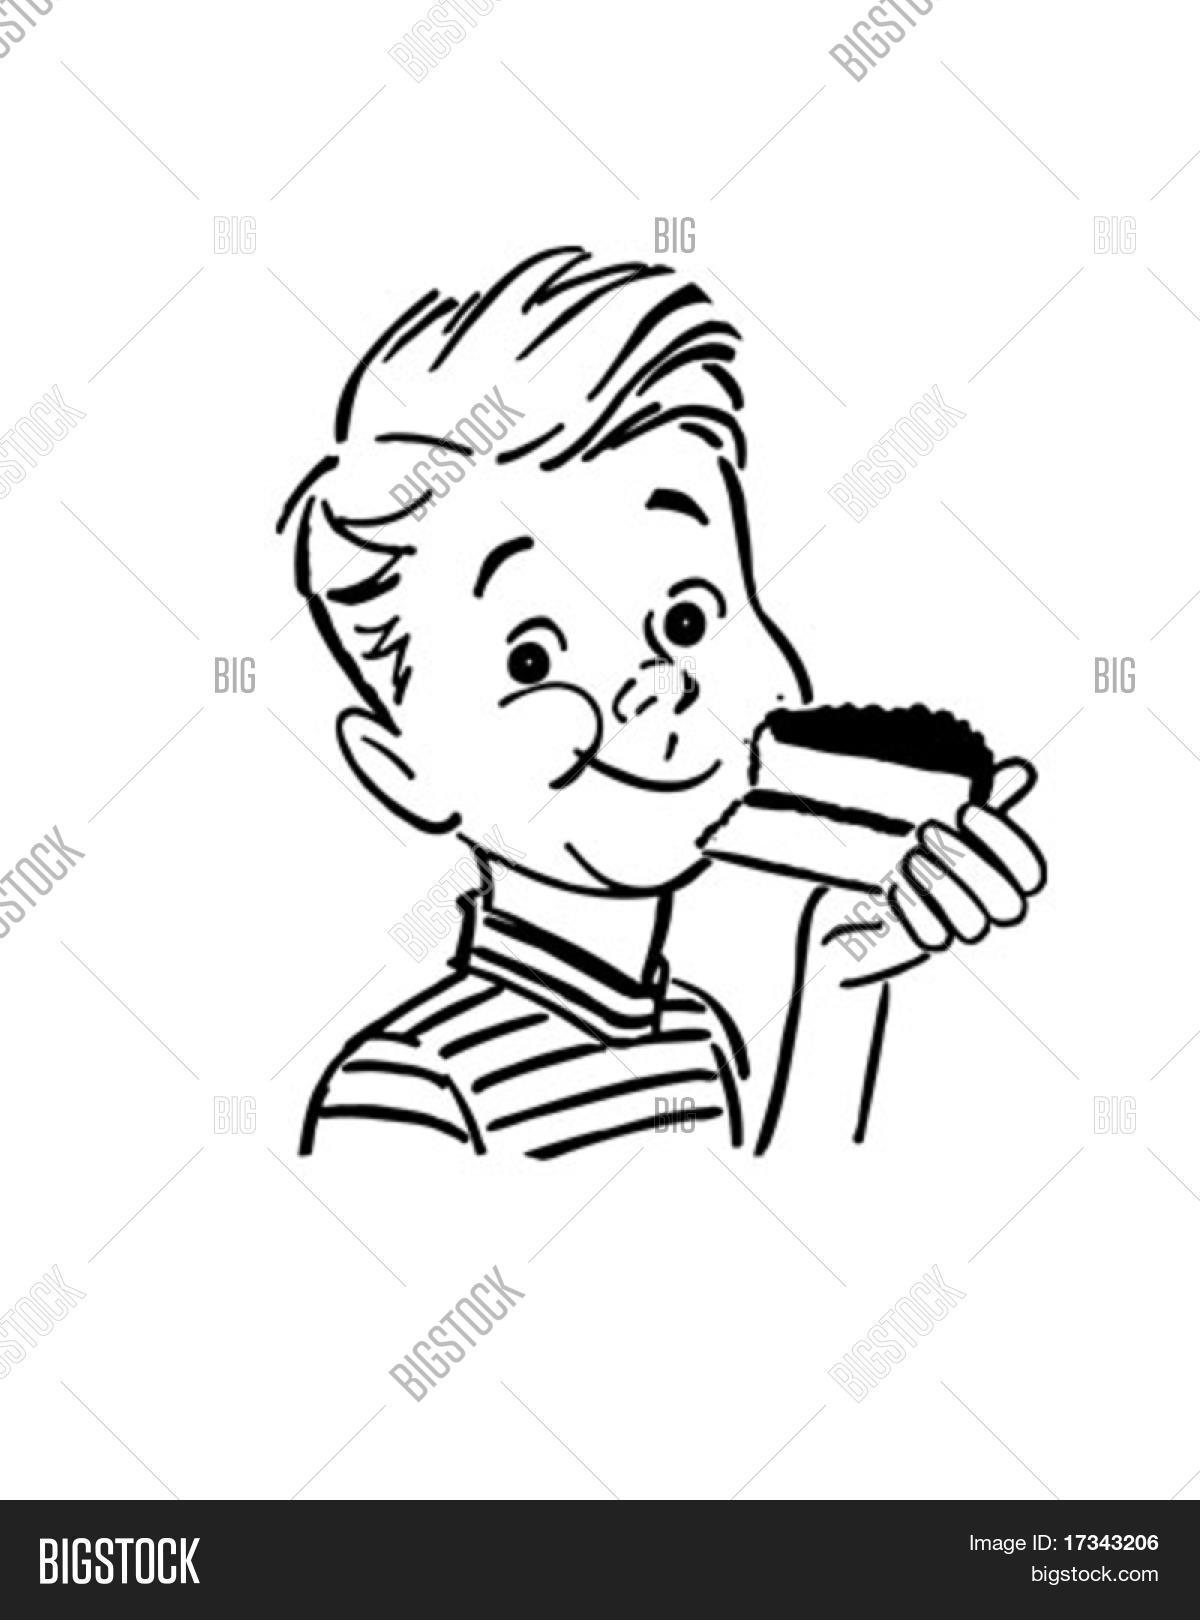 Boy Eating Cake.